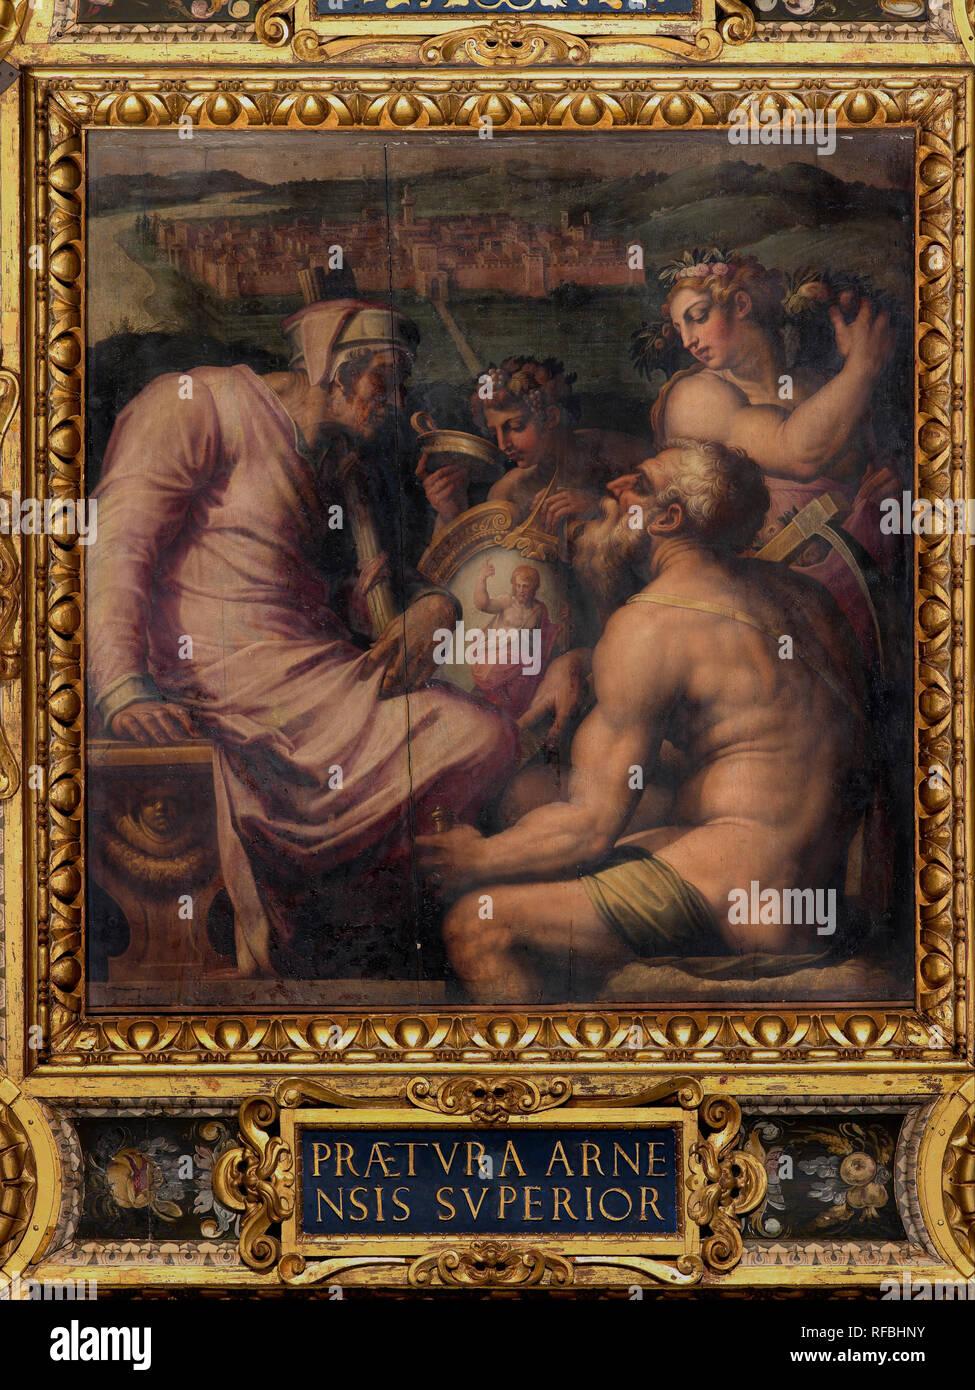 Alegoría de San Giovanni Valdarno. Fecha/período: 1563 - 1565. Oleo sobre madera. Altura: 250 mm (9.84 in); anchura: 250 mm (9.84 in). Autor: Giorgio Vasari. GIORGIO Vasari. Foto de stock